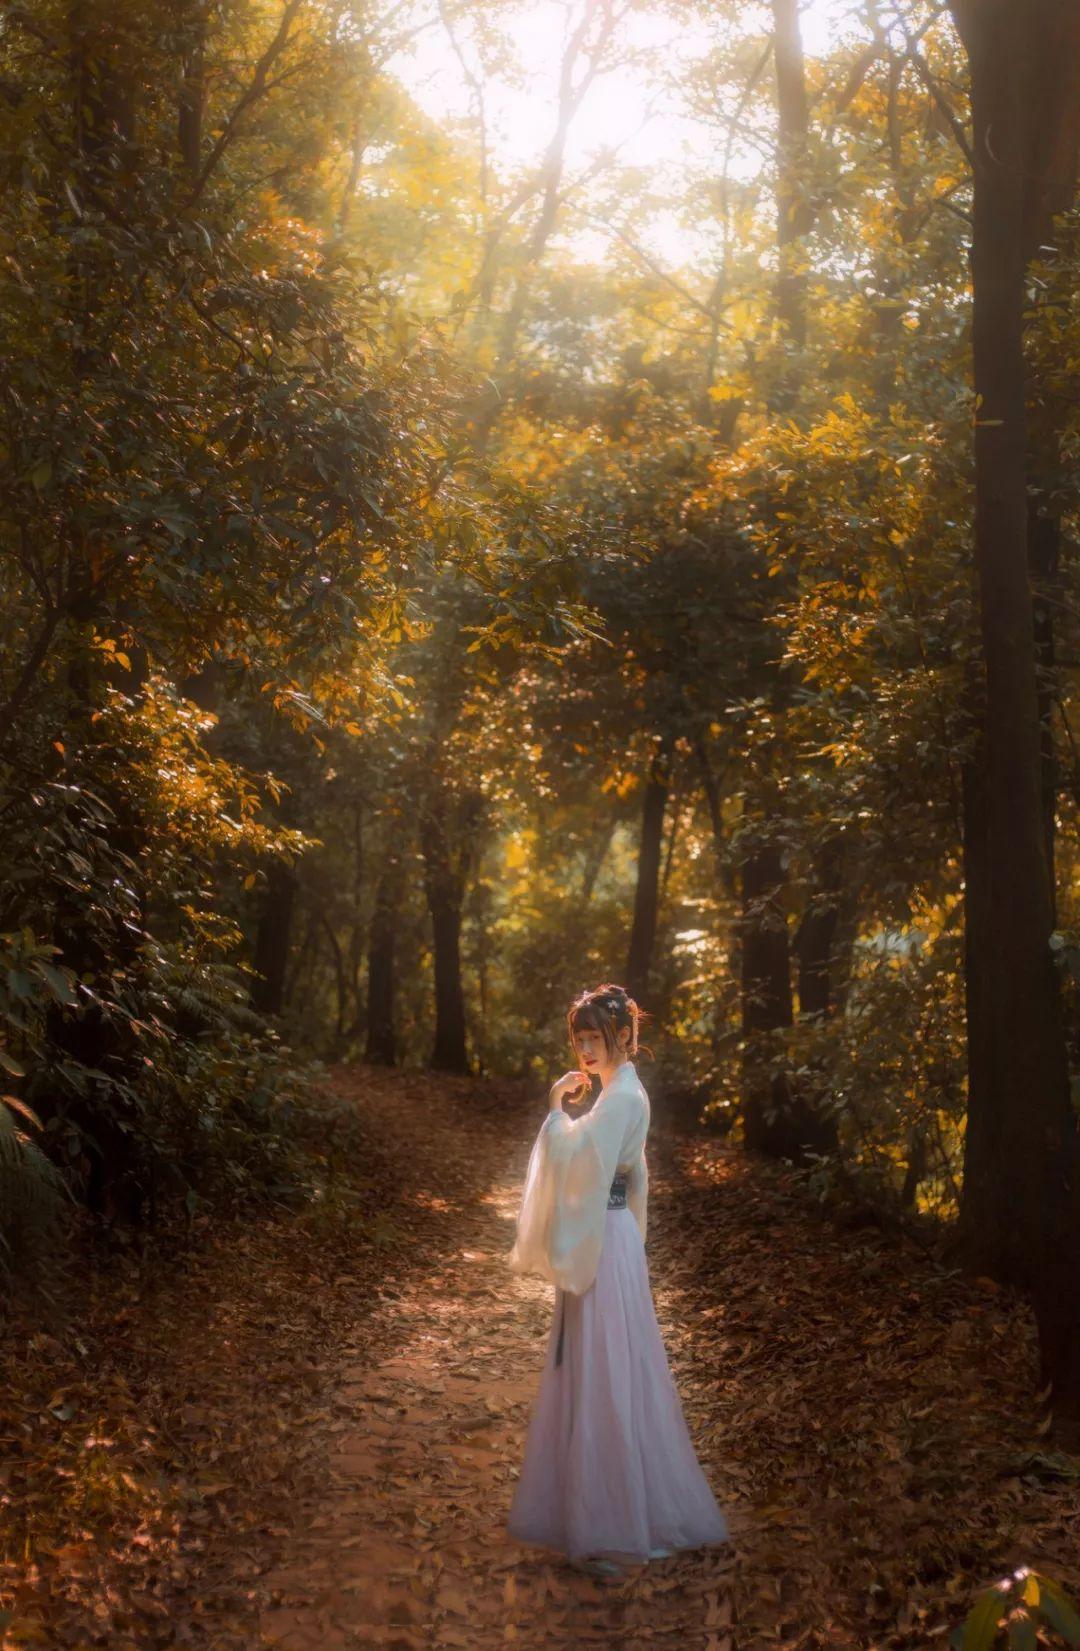 【汉服摄影】霁痕才着树,山意未离云